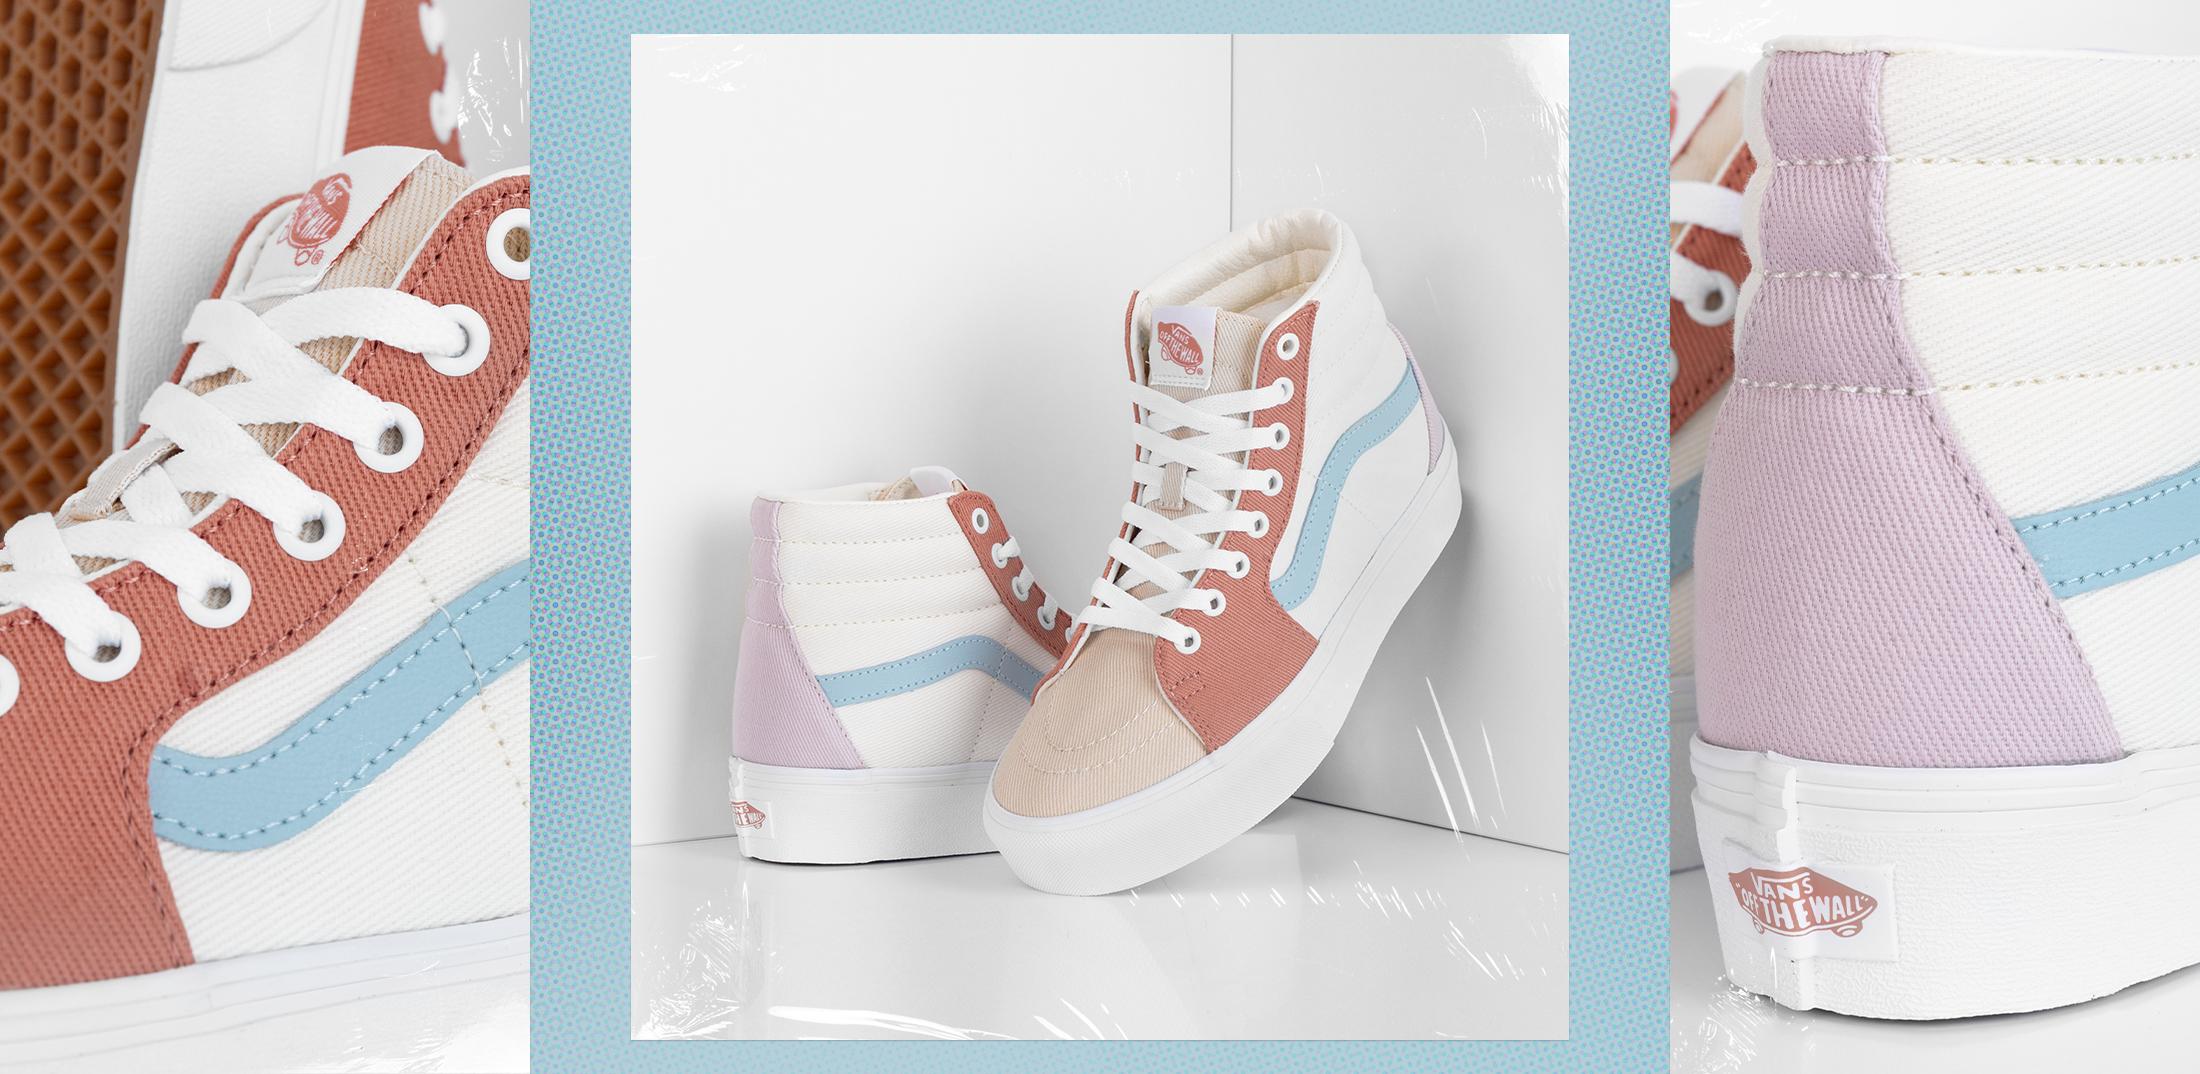 Lo más destacado de las zapatillas